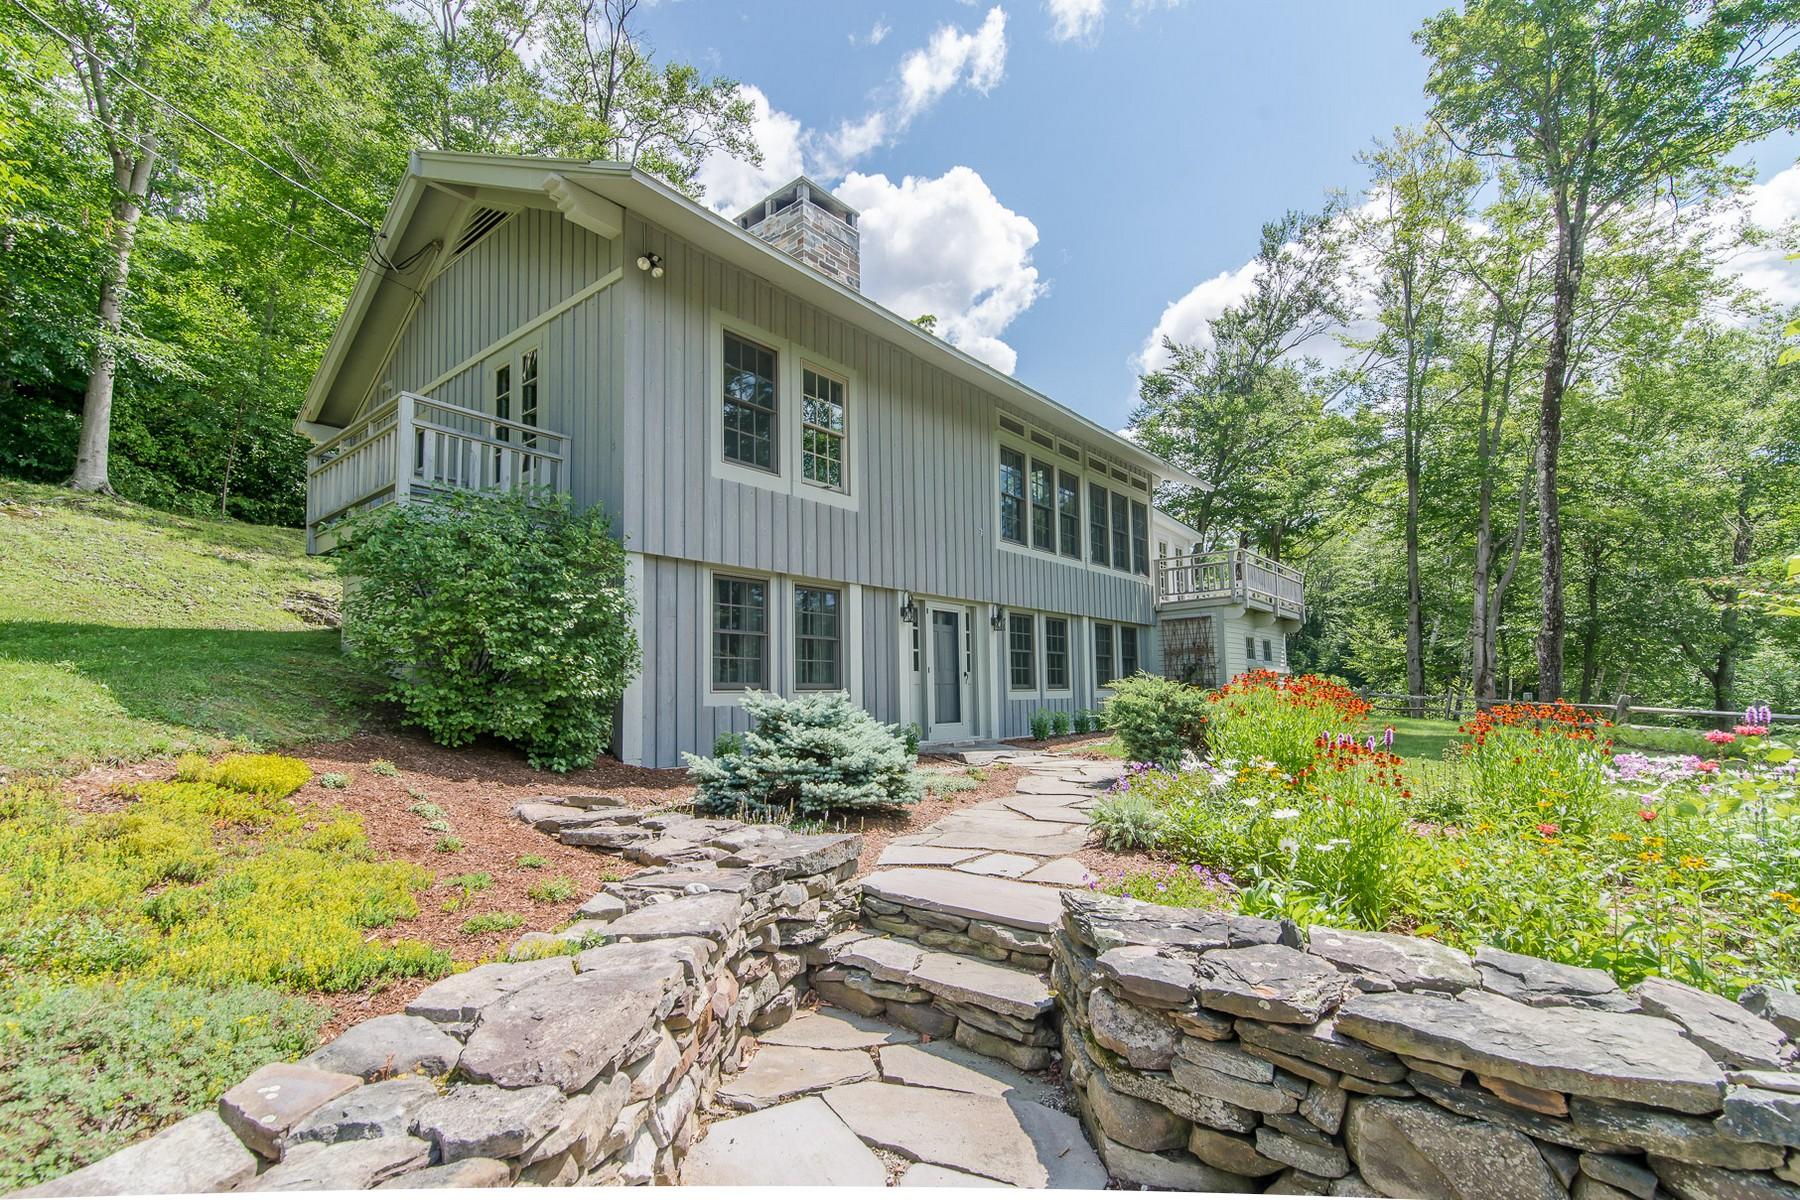 独户住宅 为 销售 在 Decorator Designs 3452 Green Hill Rd 丹比, 佛蒙特州 05739 美国